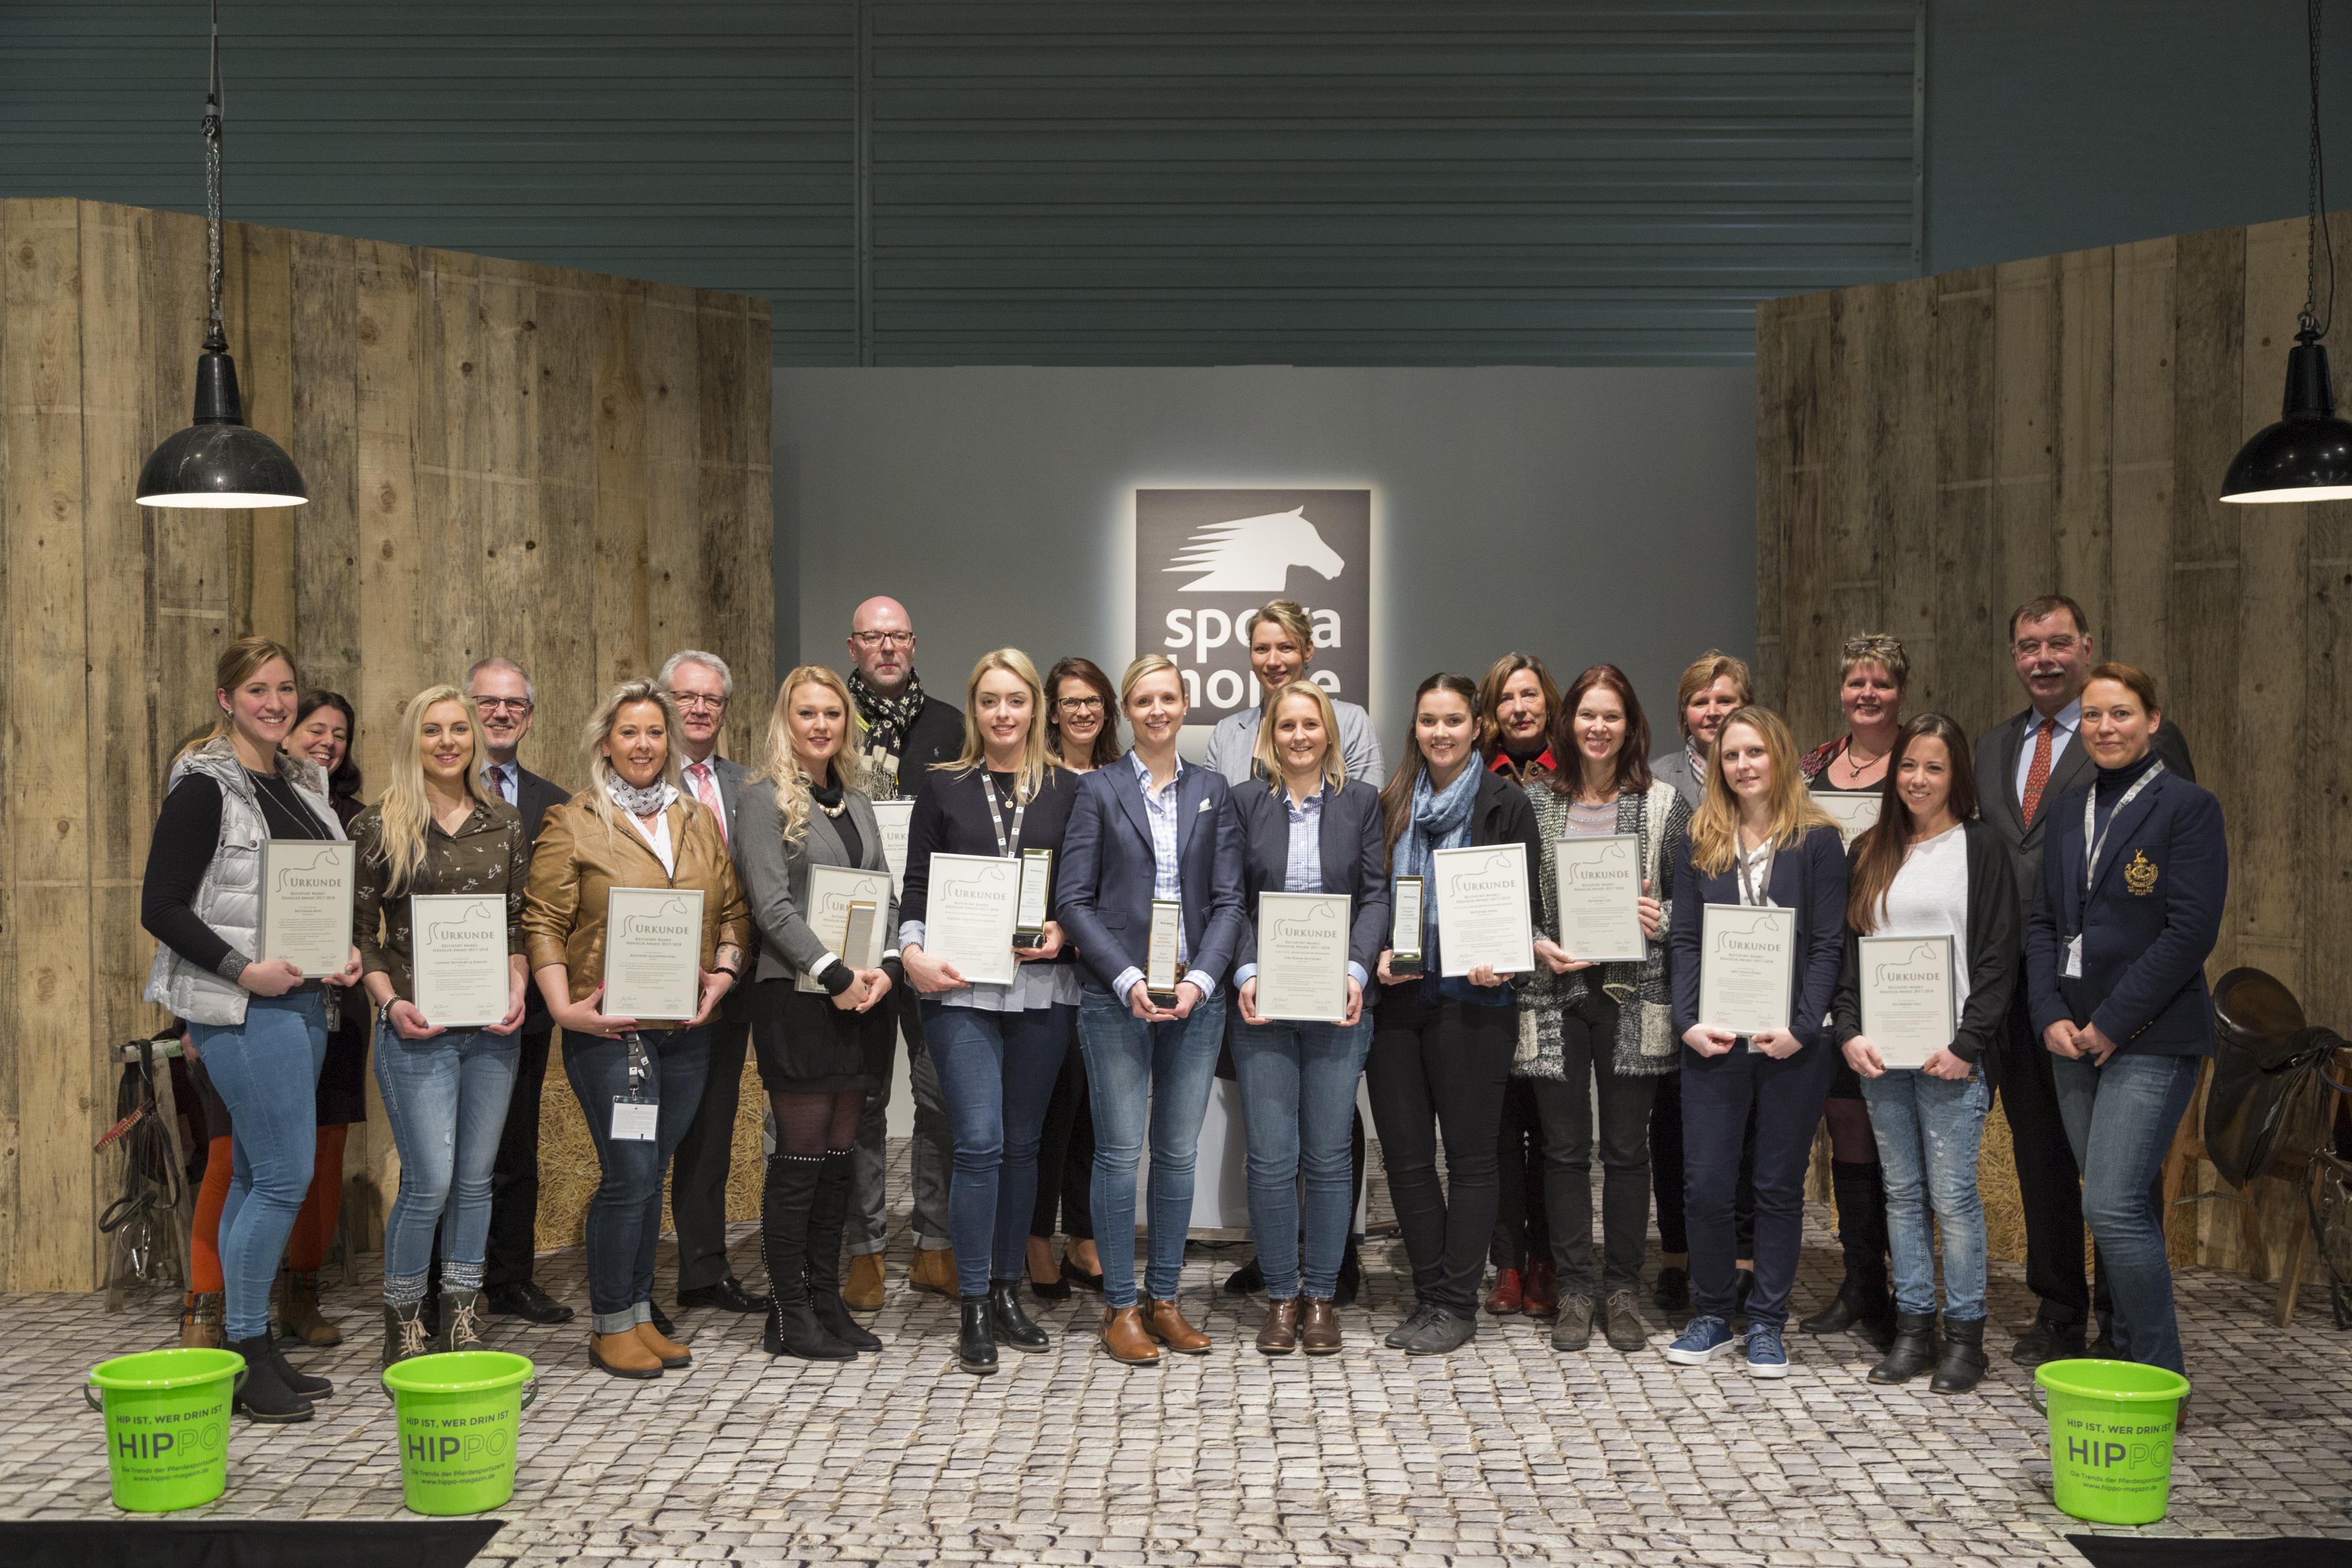 Reitsport Markt-Händler Award 2017/ 2018, Sieger-Gruppenfoto, Halle 8